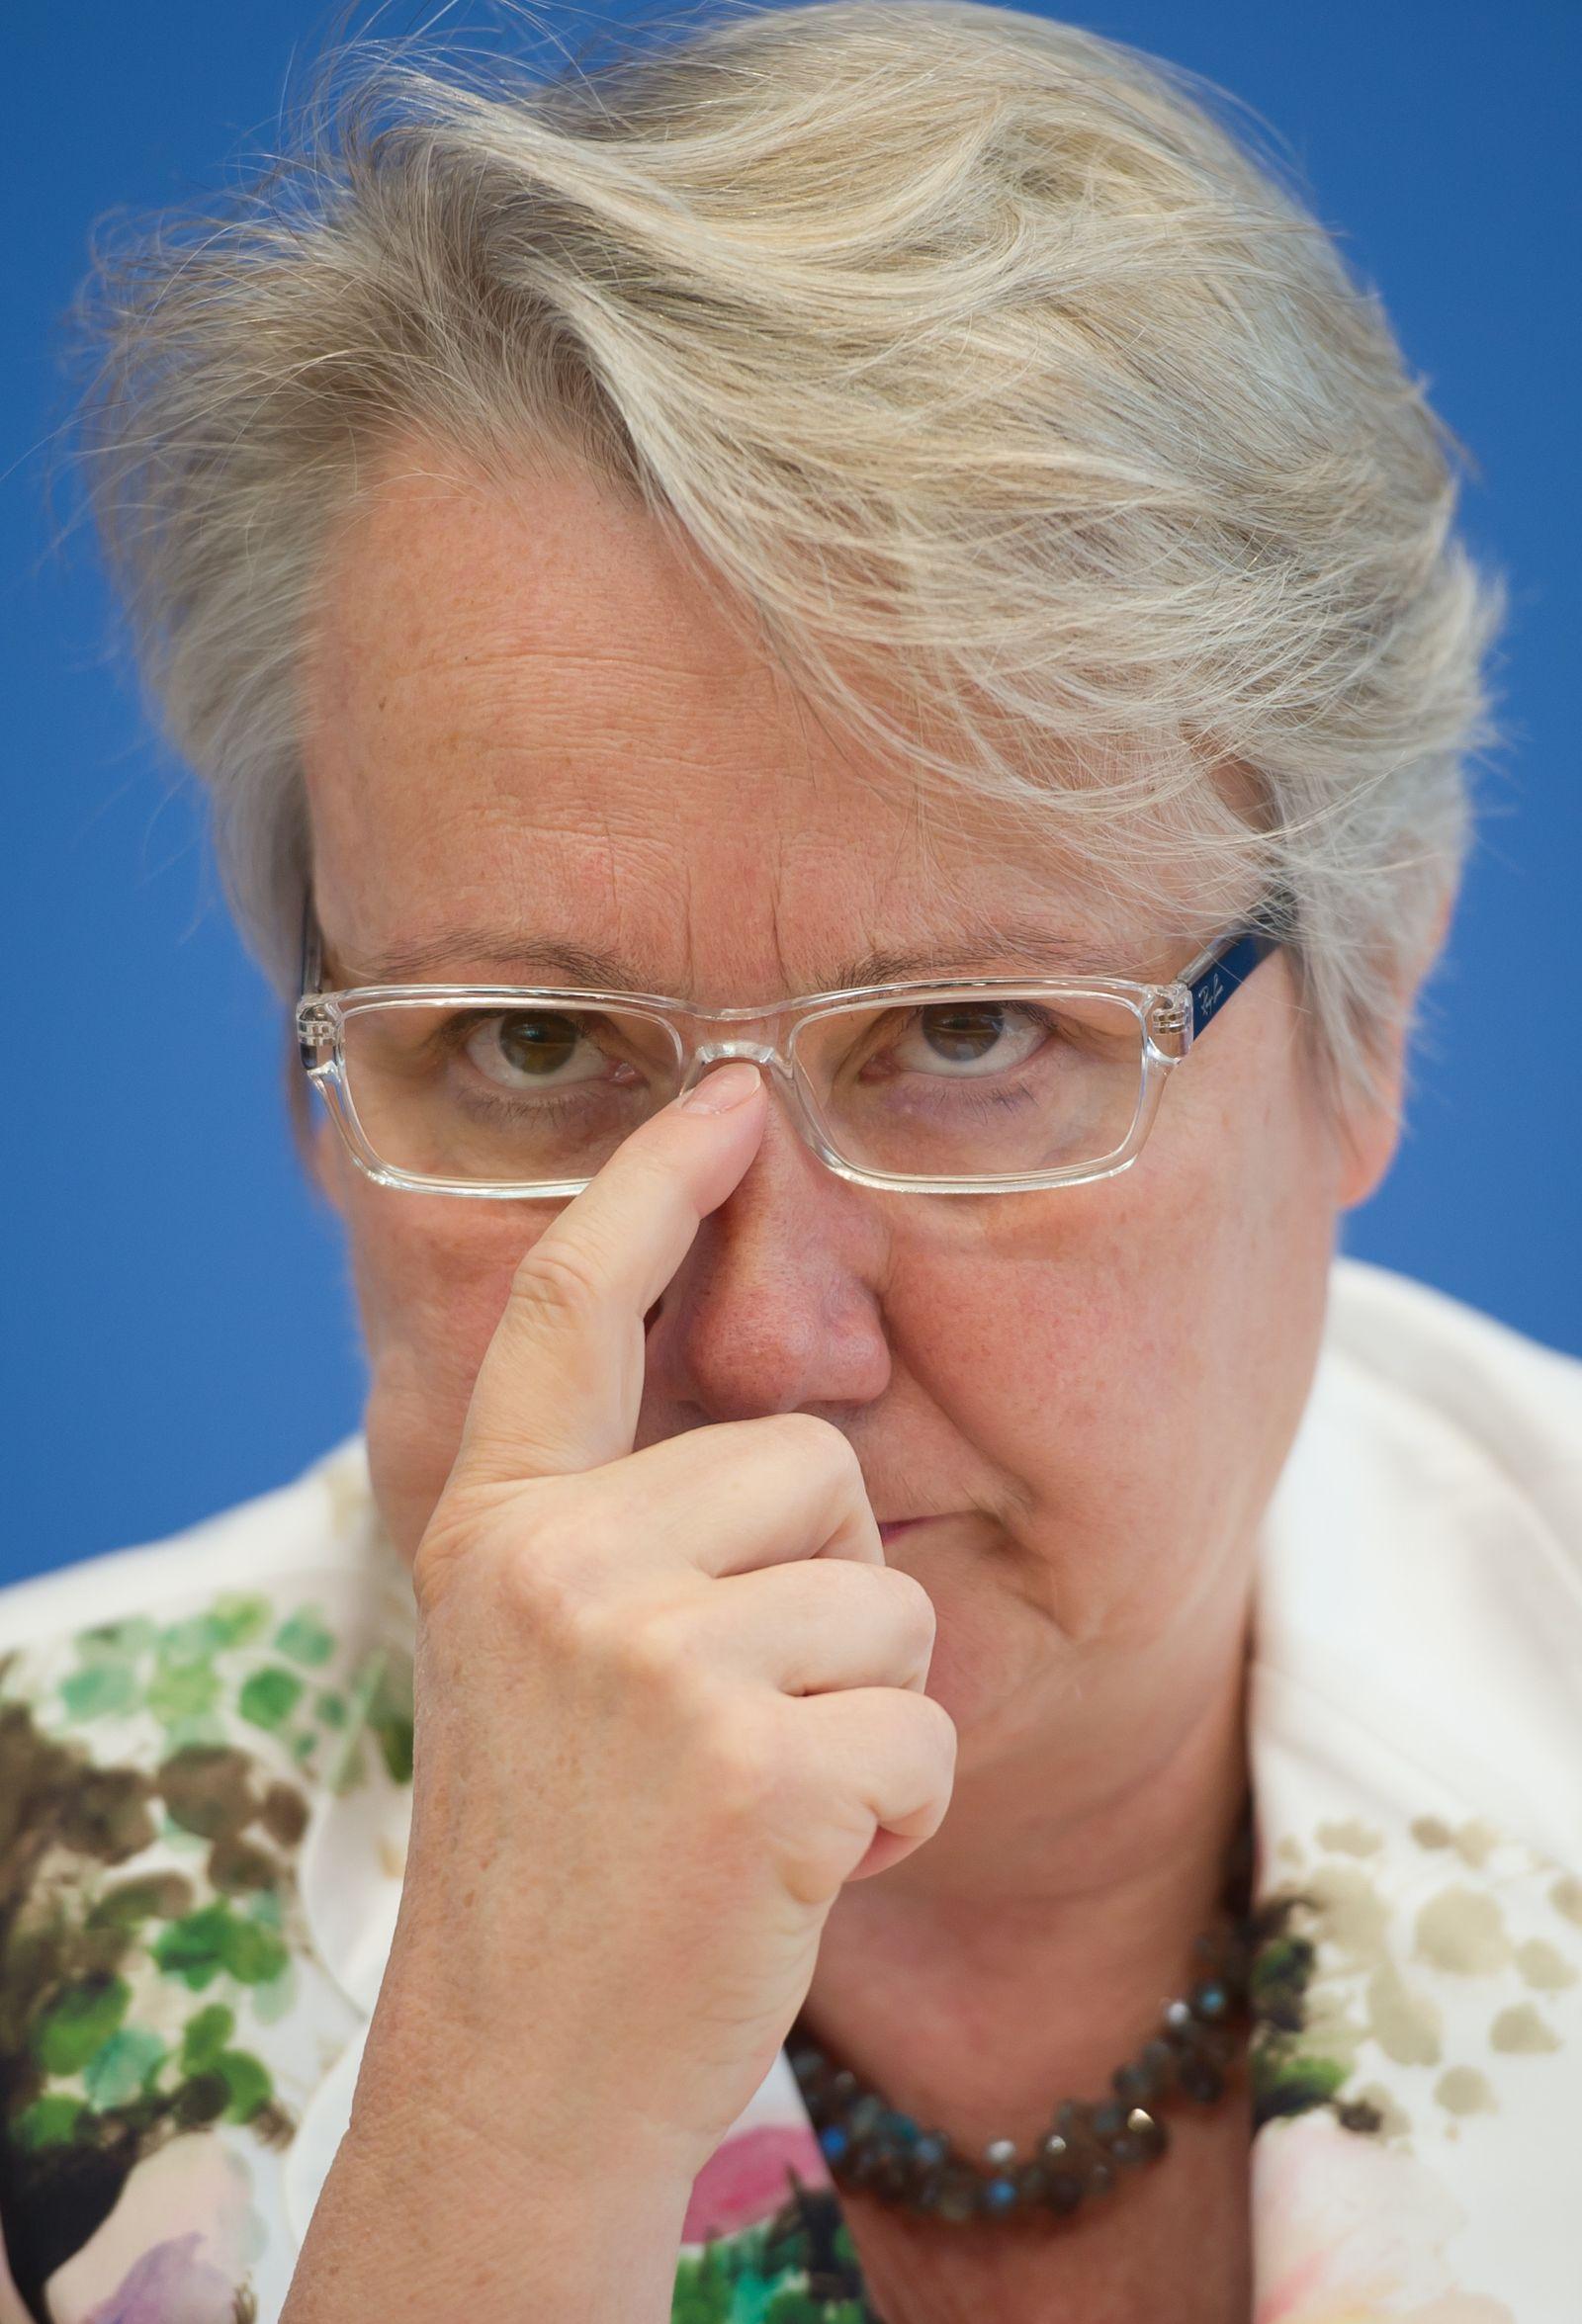 NICHT VERWENDEN Annette Schavan Mai 2012